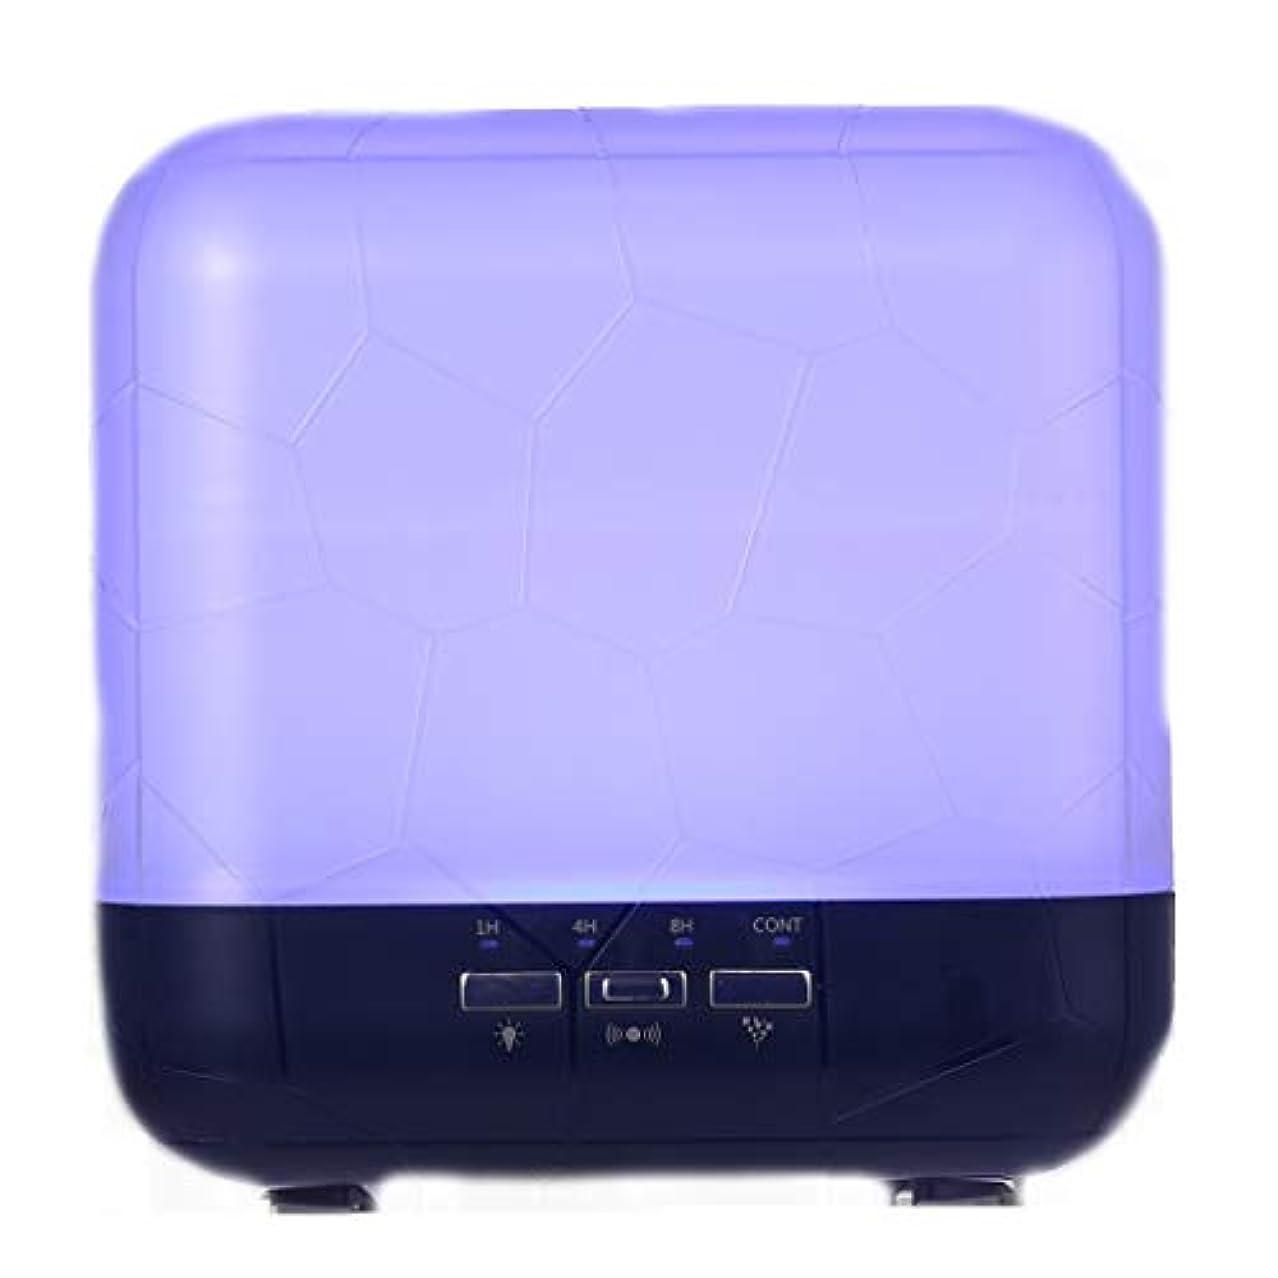 本体フロー走る拡散器、調節可能なミストモード、寝室/オフィス/旅行のためのアロマセラピー機械を離れた自動のHomeweeks 1000ml多彩な精油の拡散器 (Color : Purple)